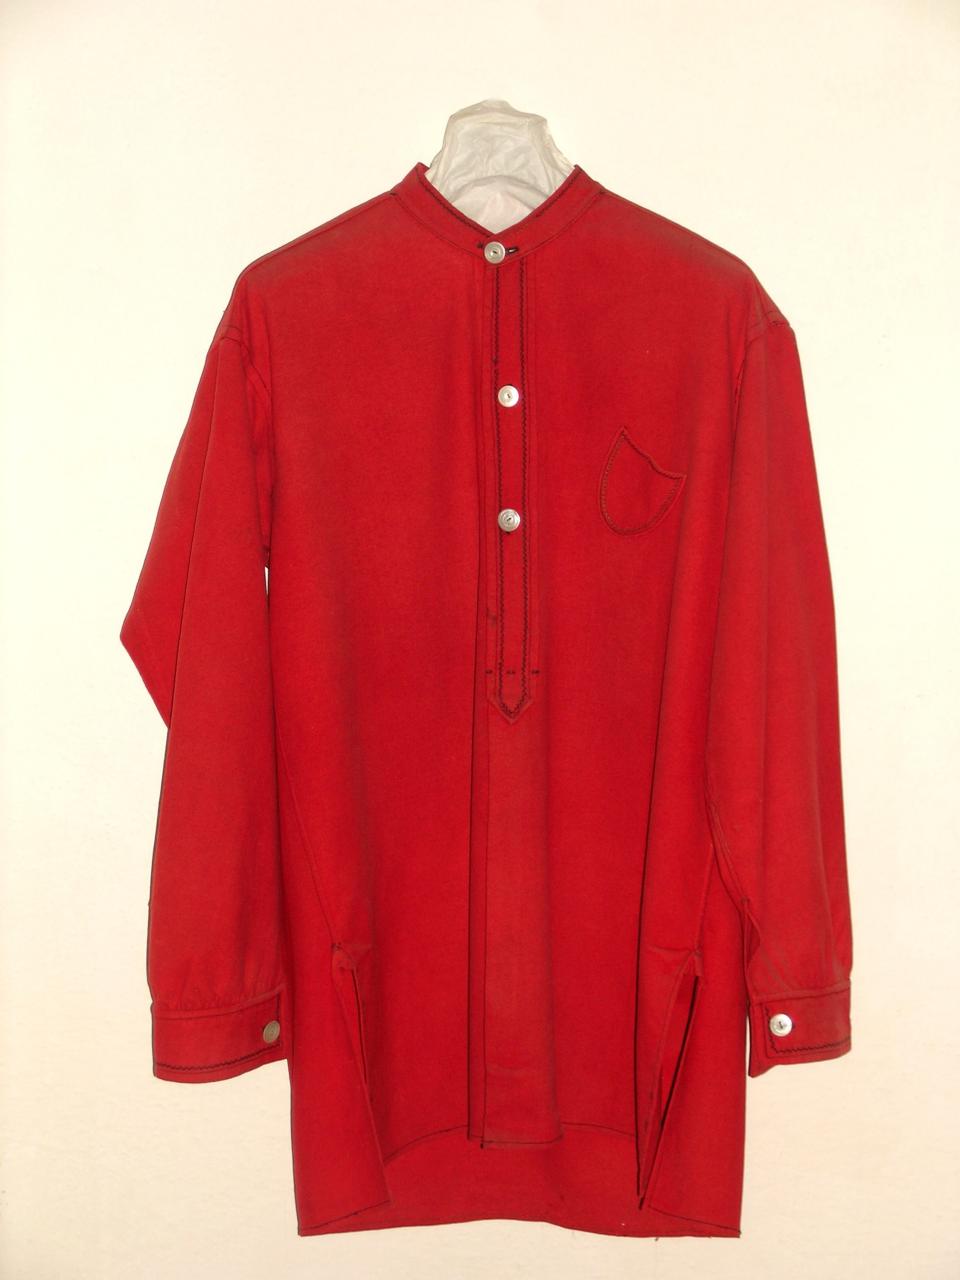 Camicia Rossa di Giuseppe Garibaldi (Fonte Compendio Garibaldino)